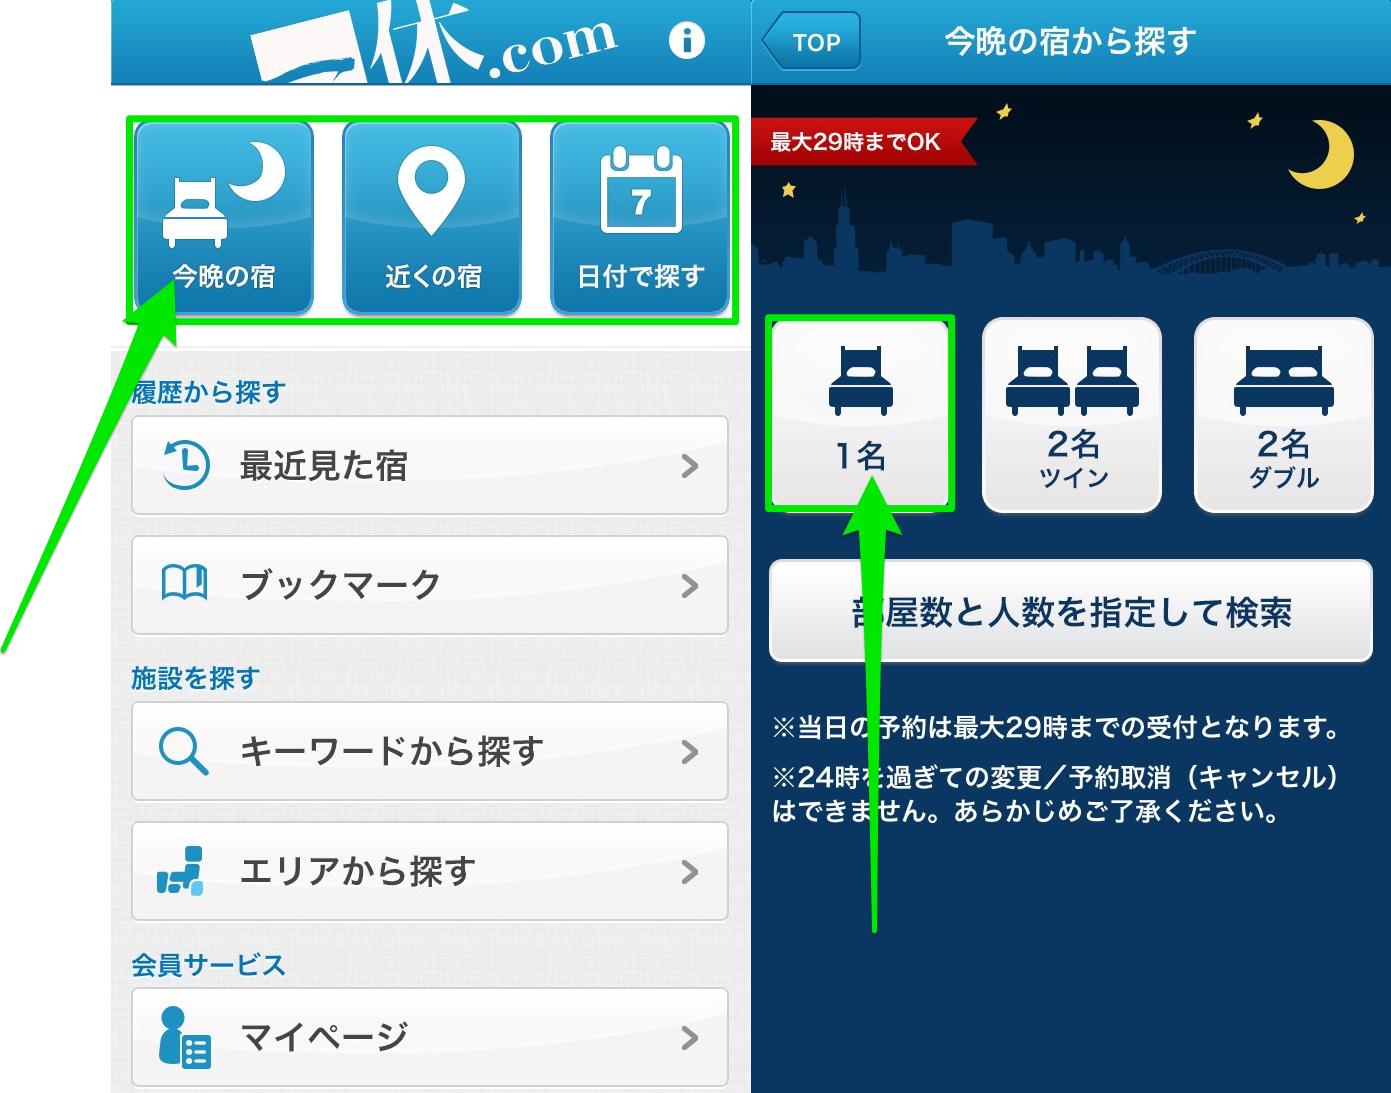 一休.comアプリで国内ホテル予約